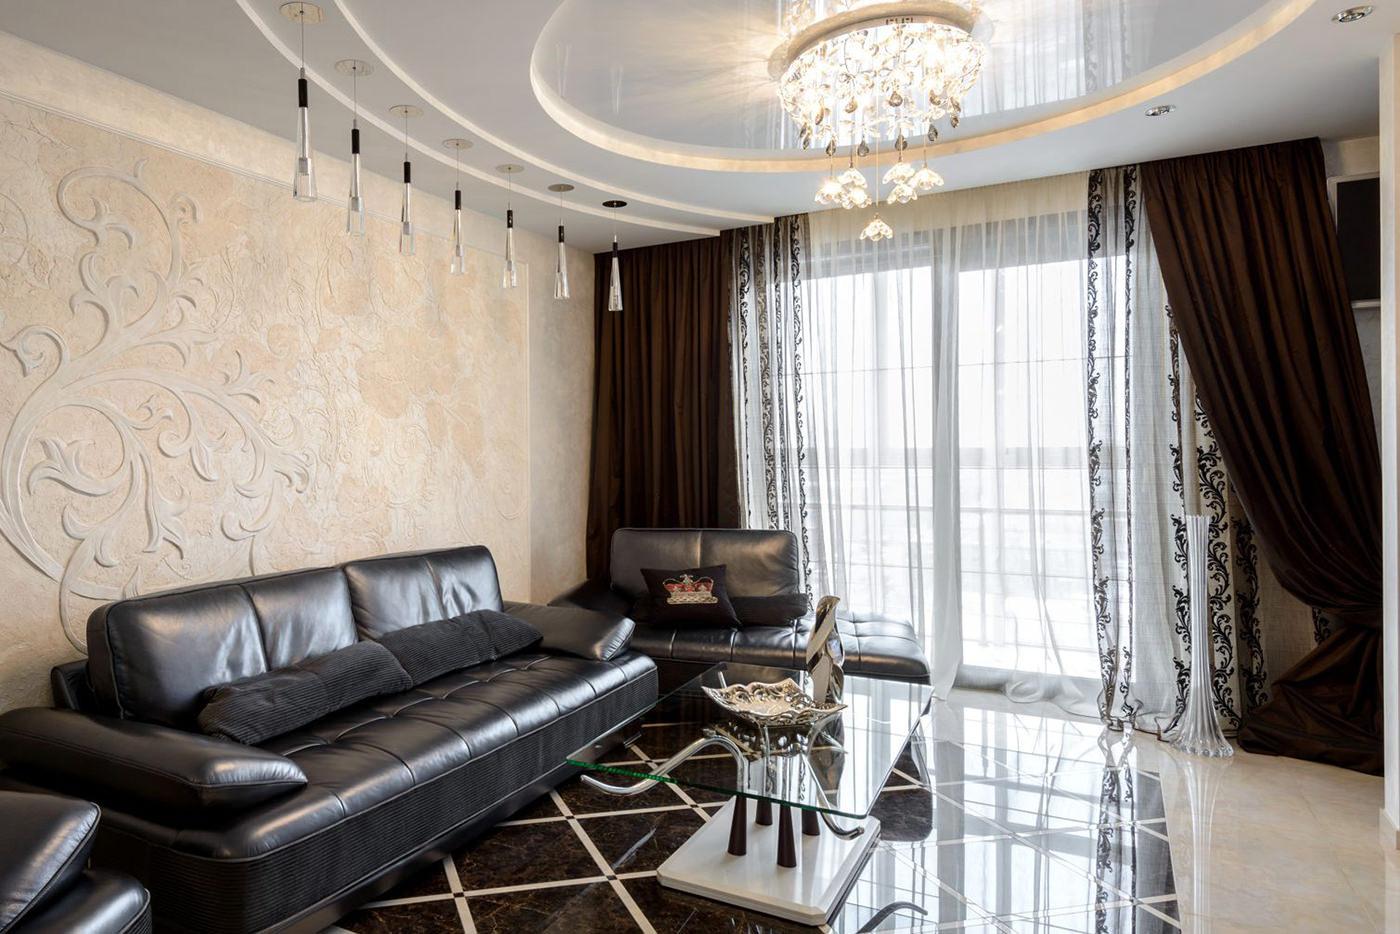 Выбираем портьеры для гостиной: обзор модных тенденций